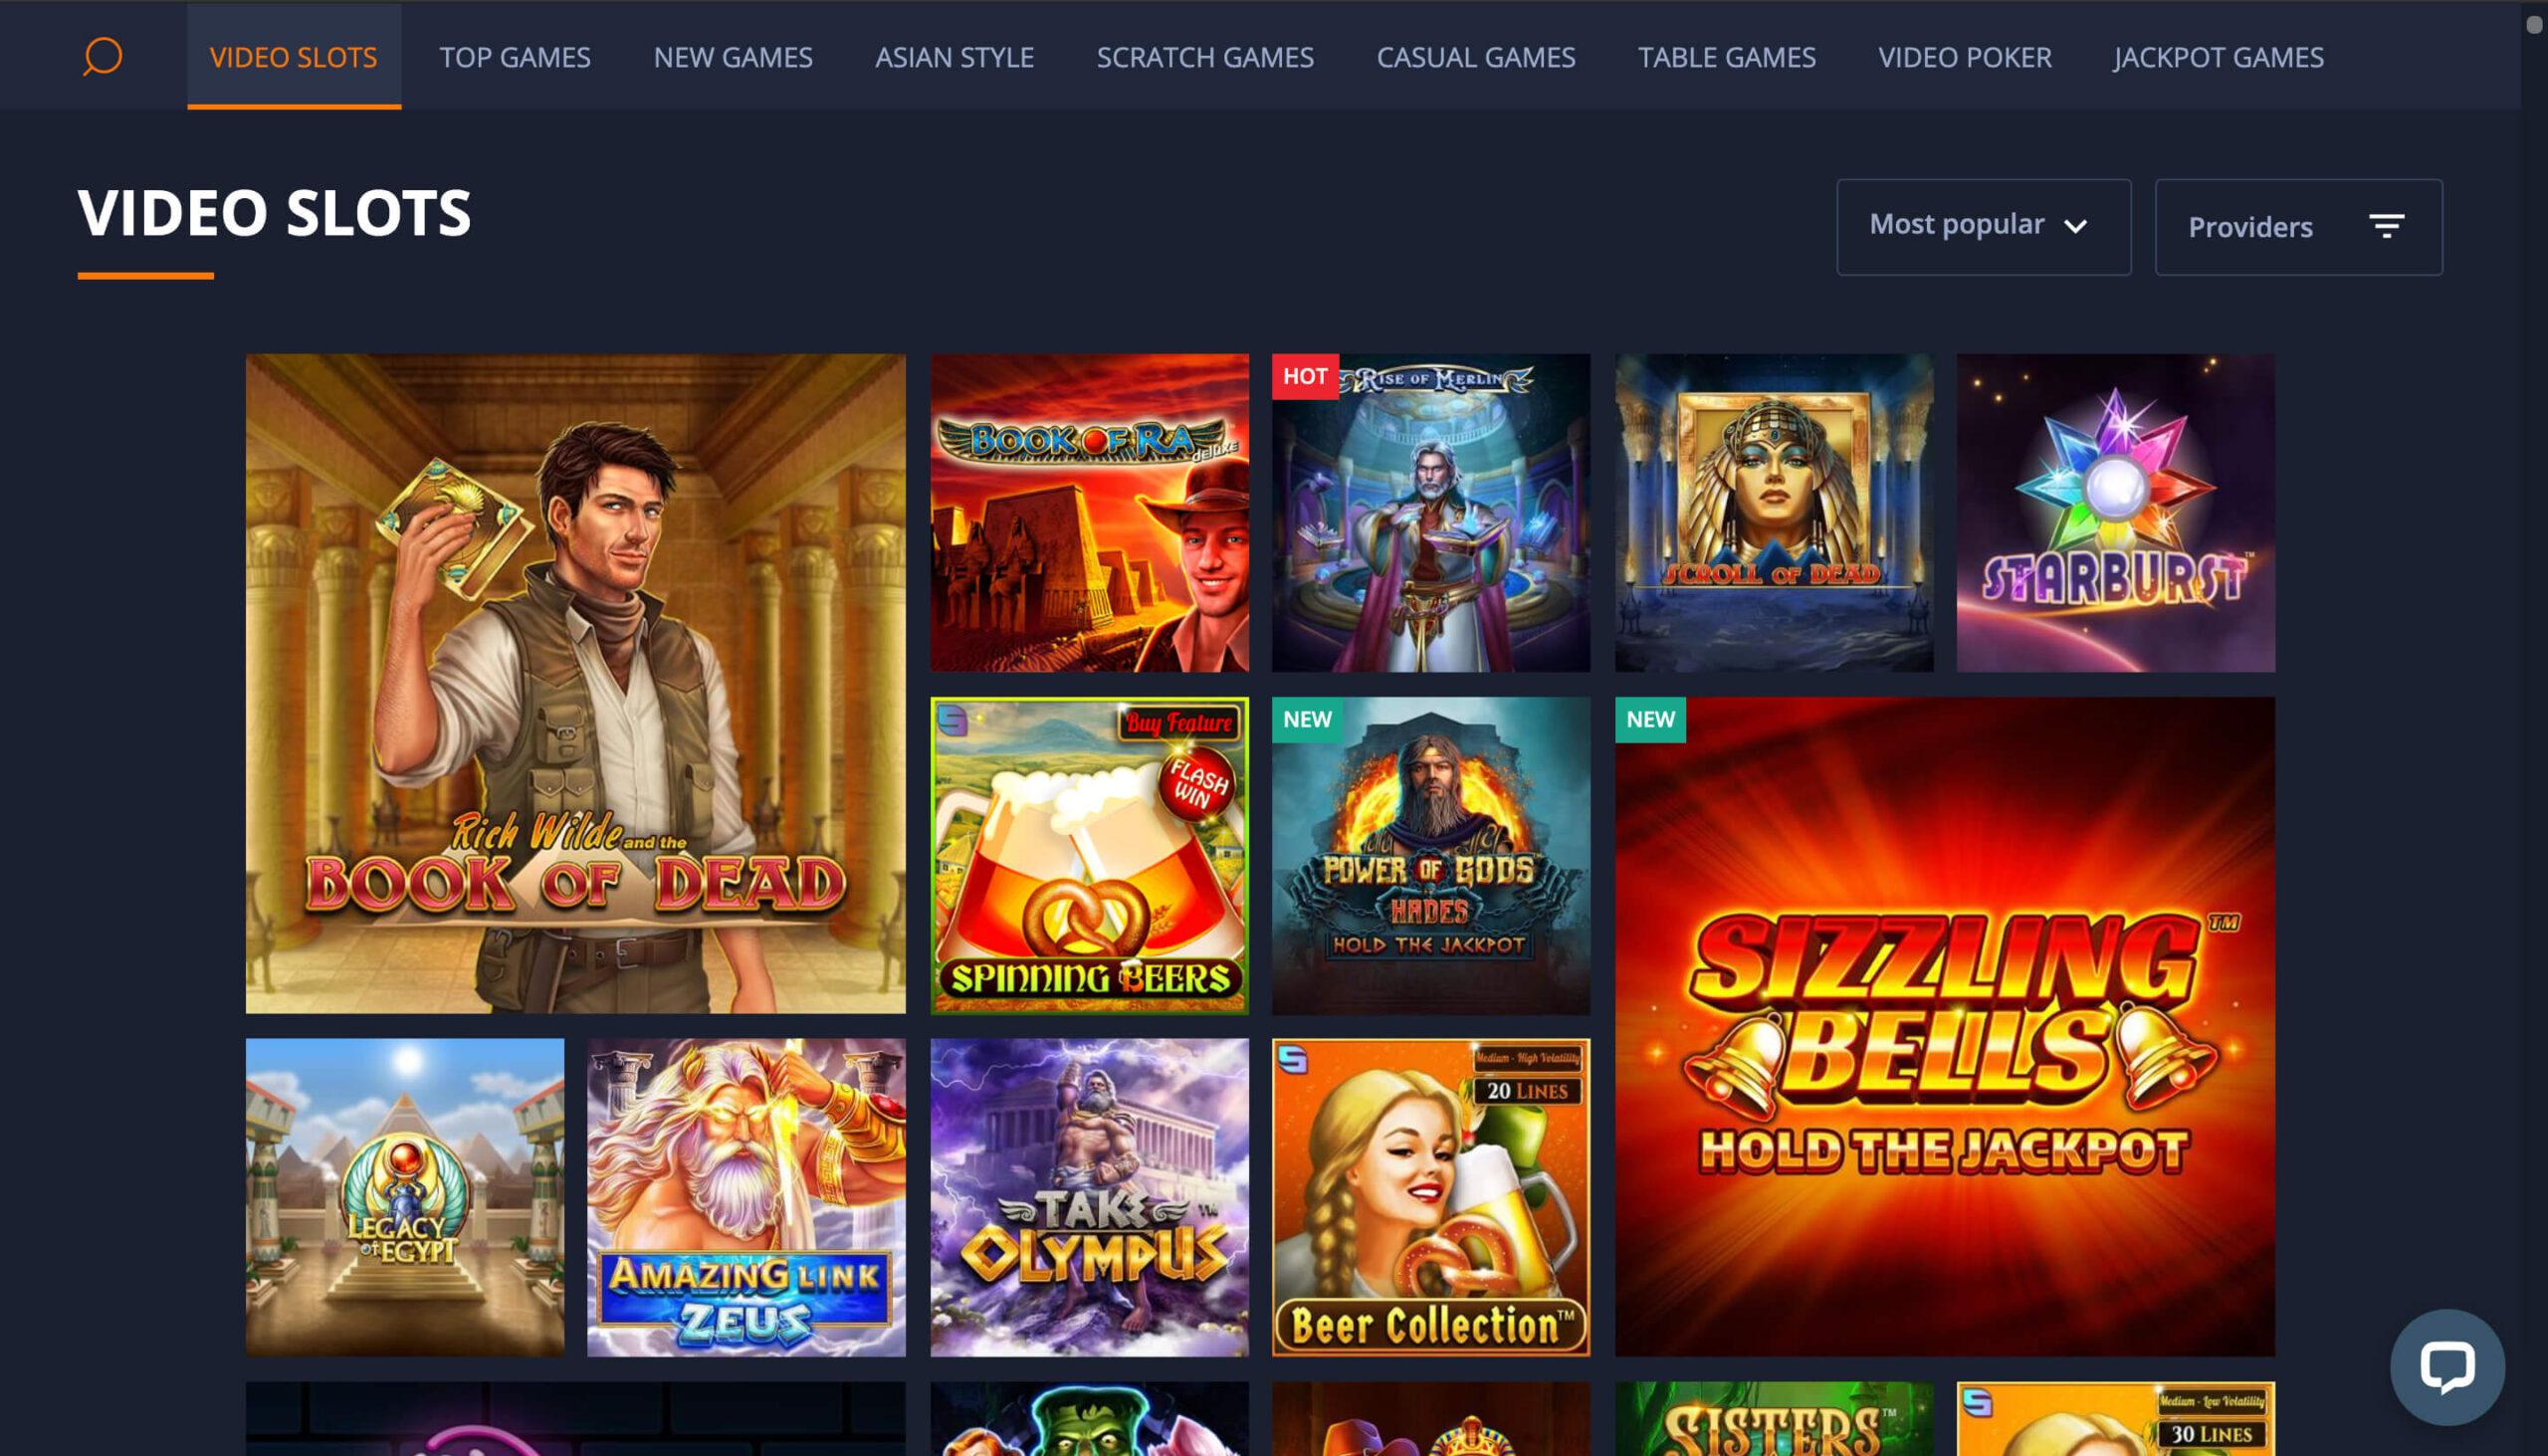 Cashalot casino games